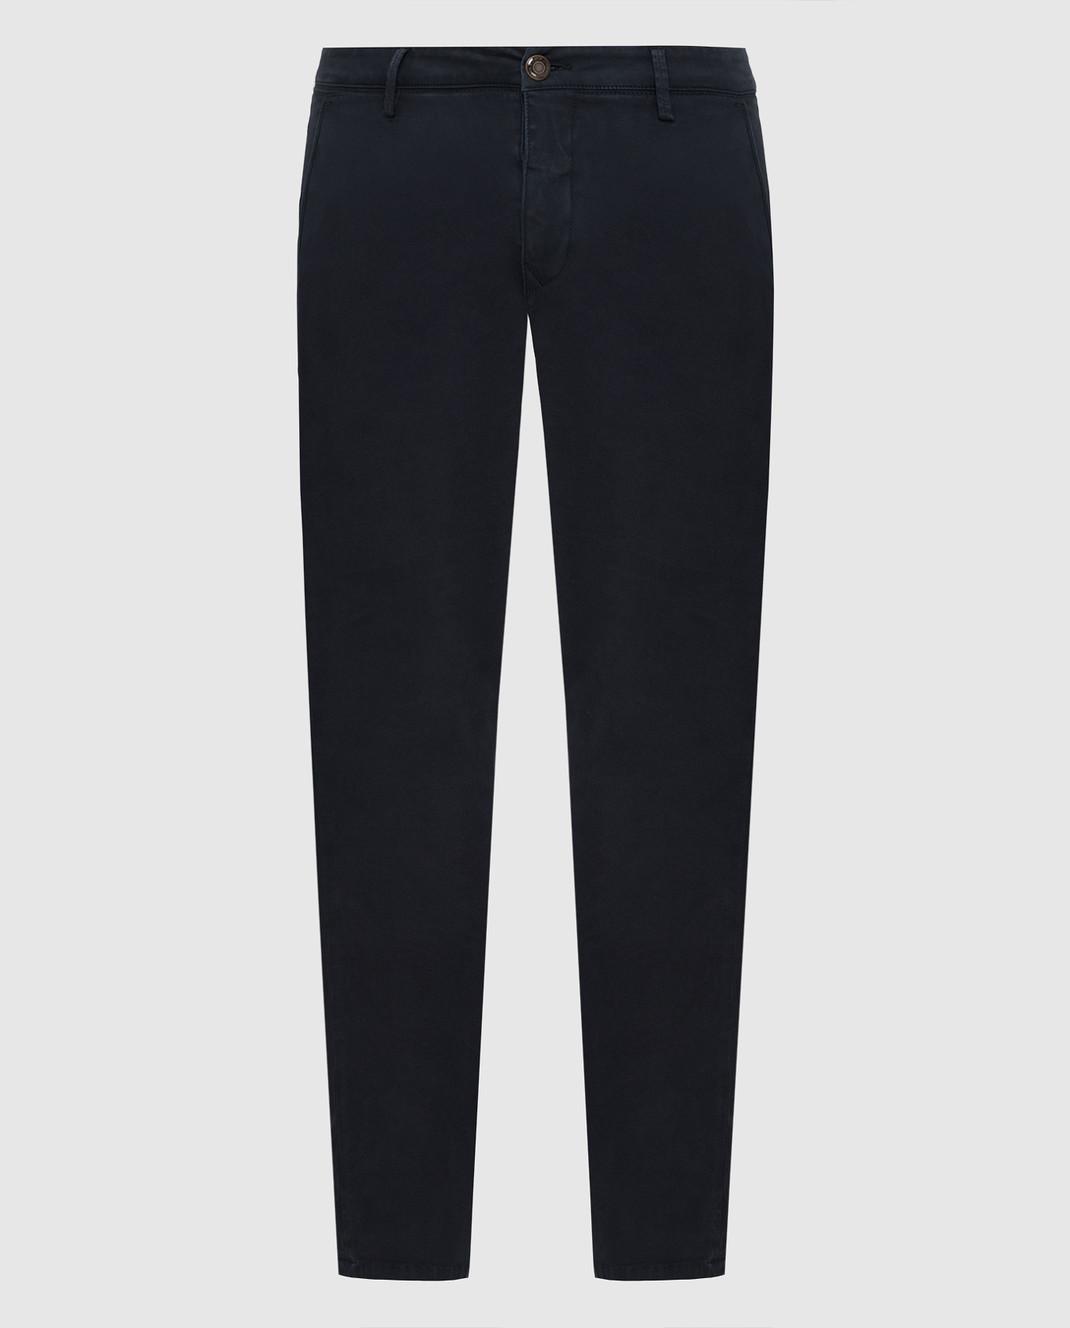 Fradi Темно-синие брюки изображение 1